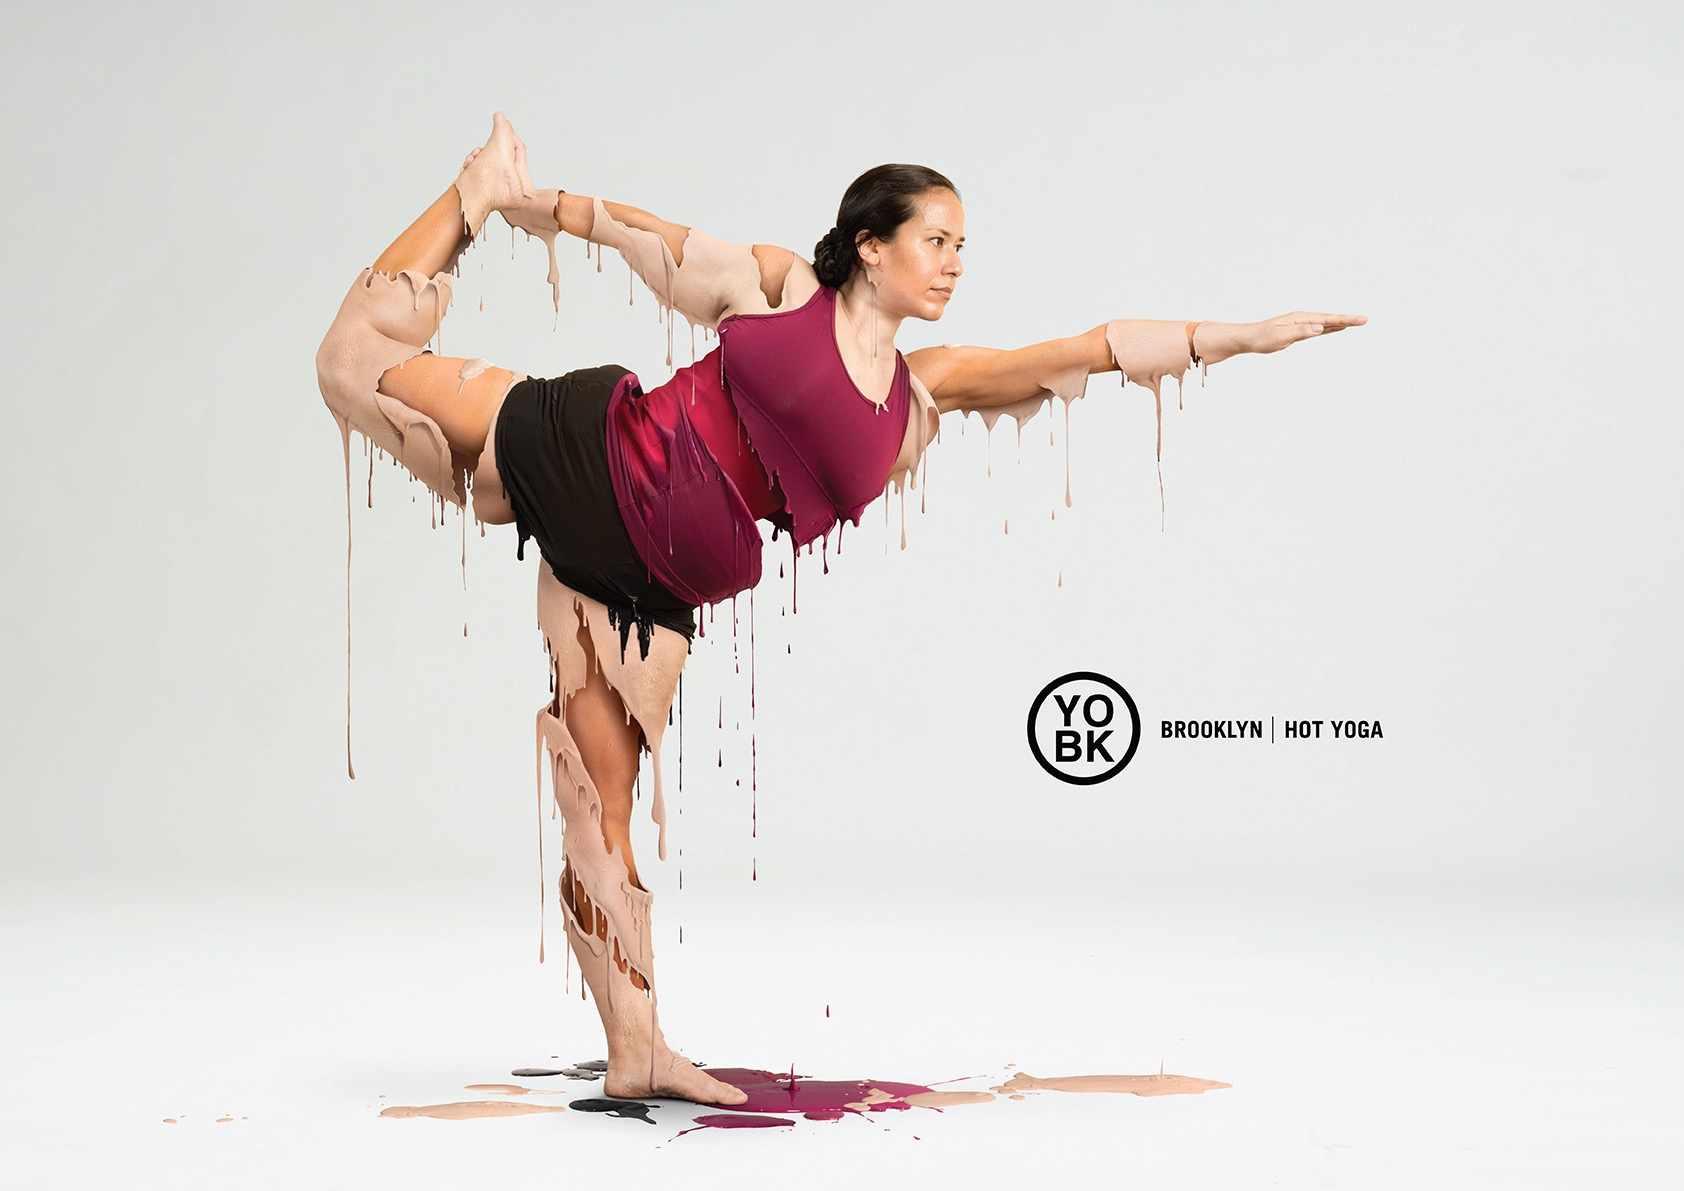 bk_yo_hot_yoga_1_rgb_721_aotw